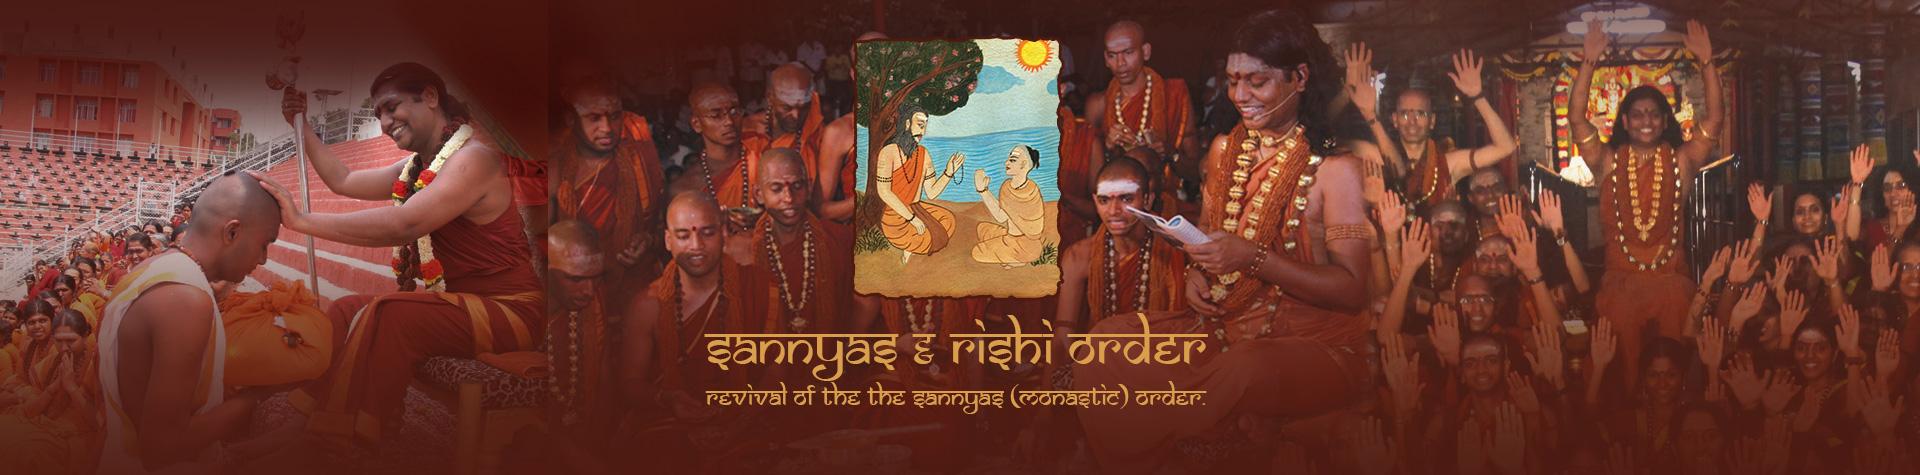 Sannyas and Rishi Orders